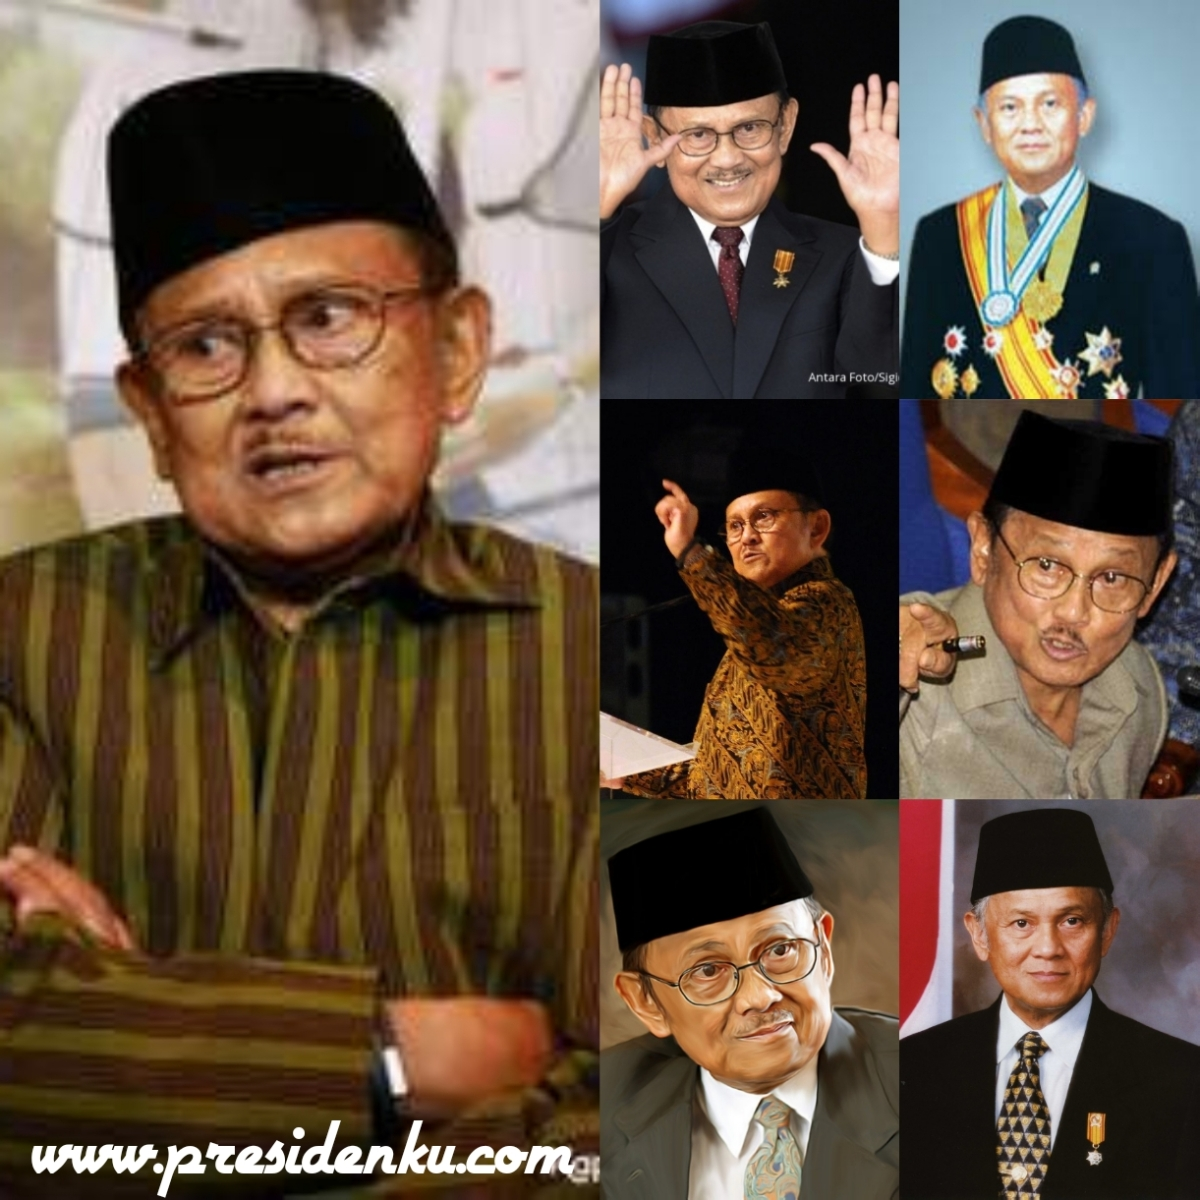 Kehebatan Presiden BJ Habibie Hanya Dalam 1 Tahun Pemerintahan